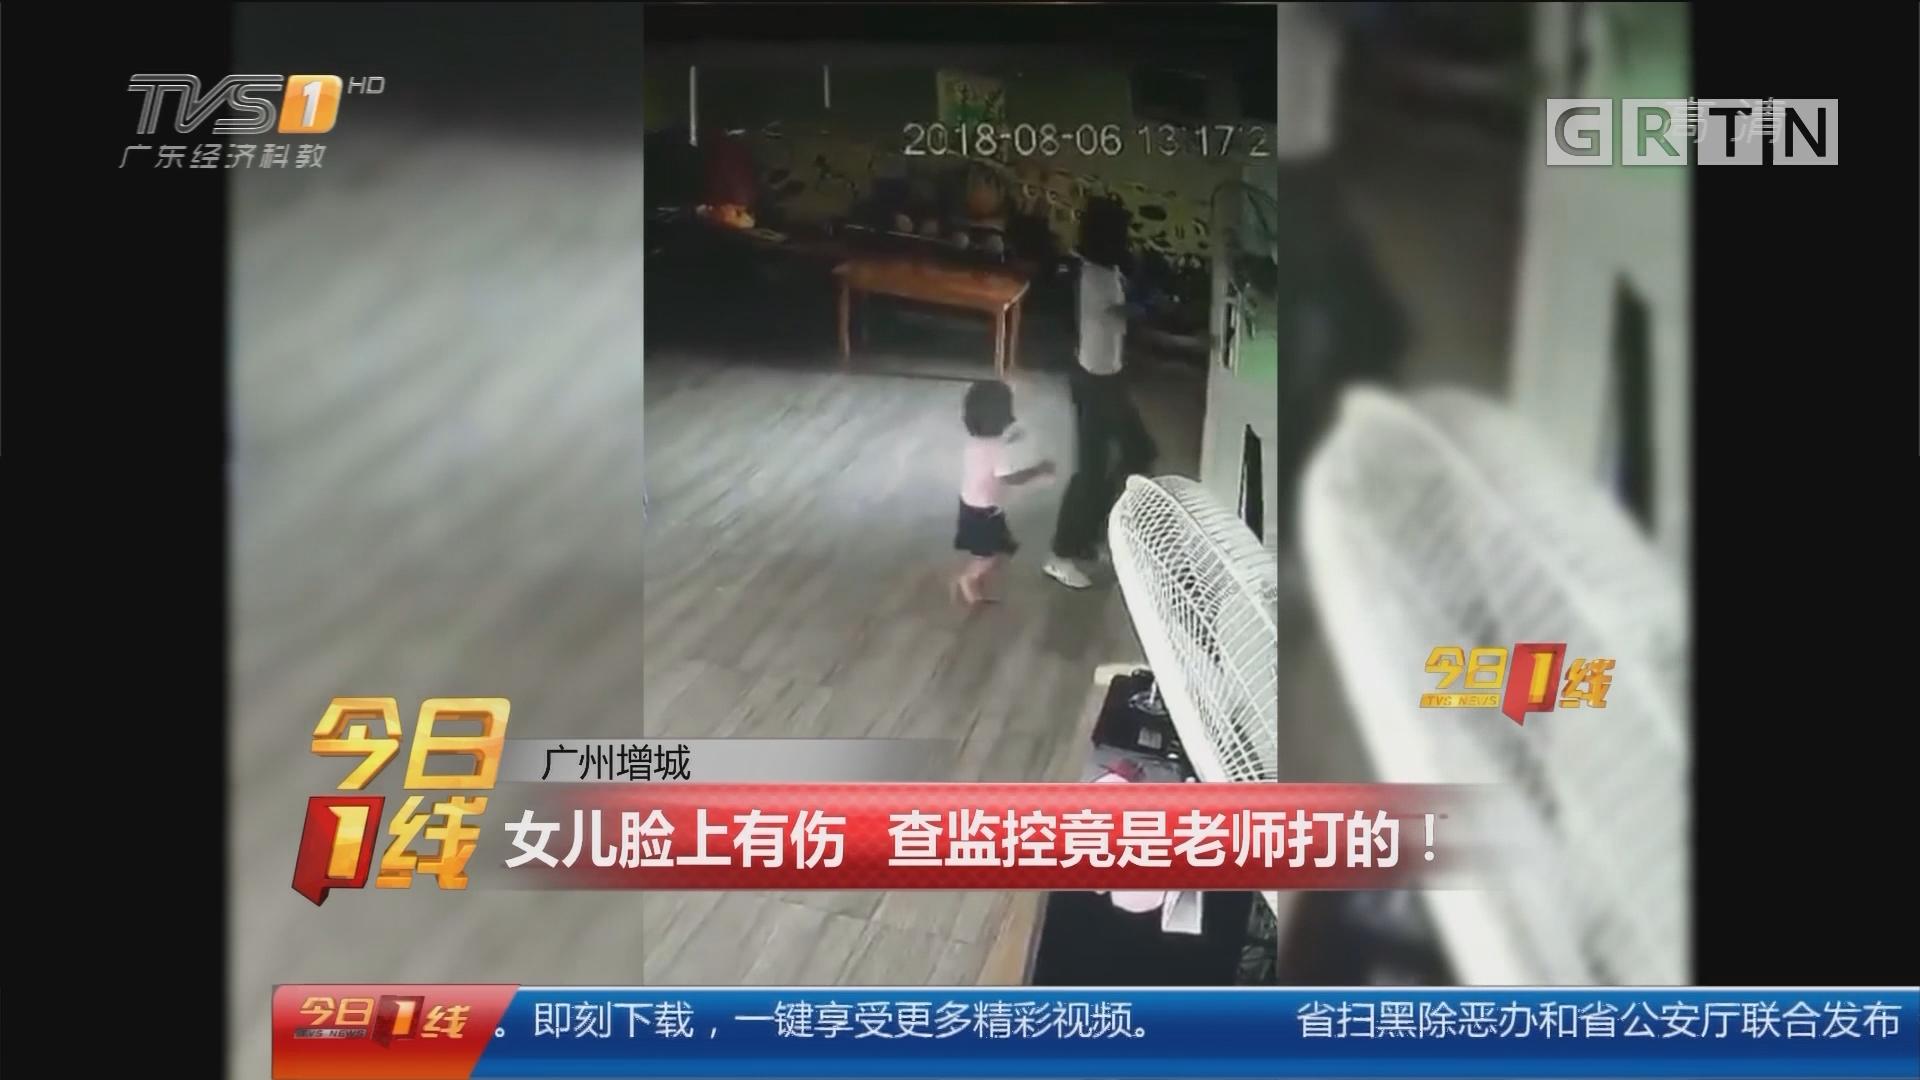 广州增城:女儿脸上有伤 查监控竟是老师打的!